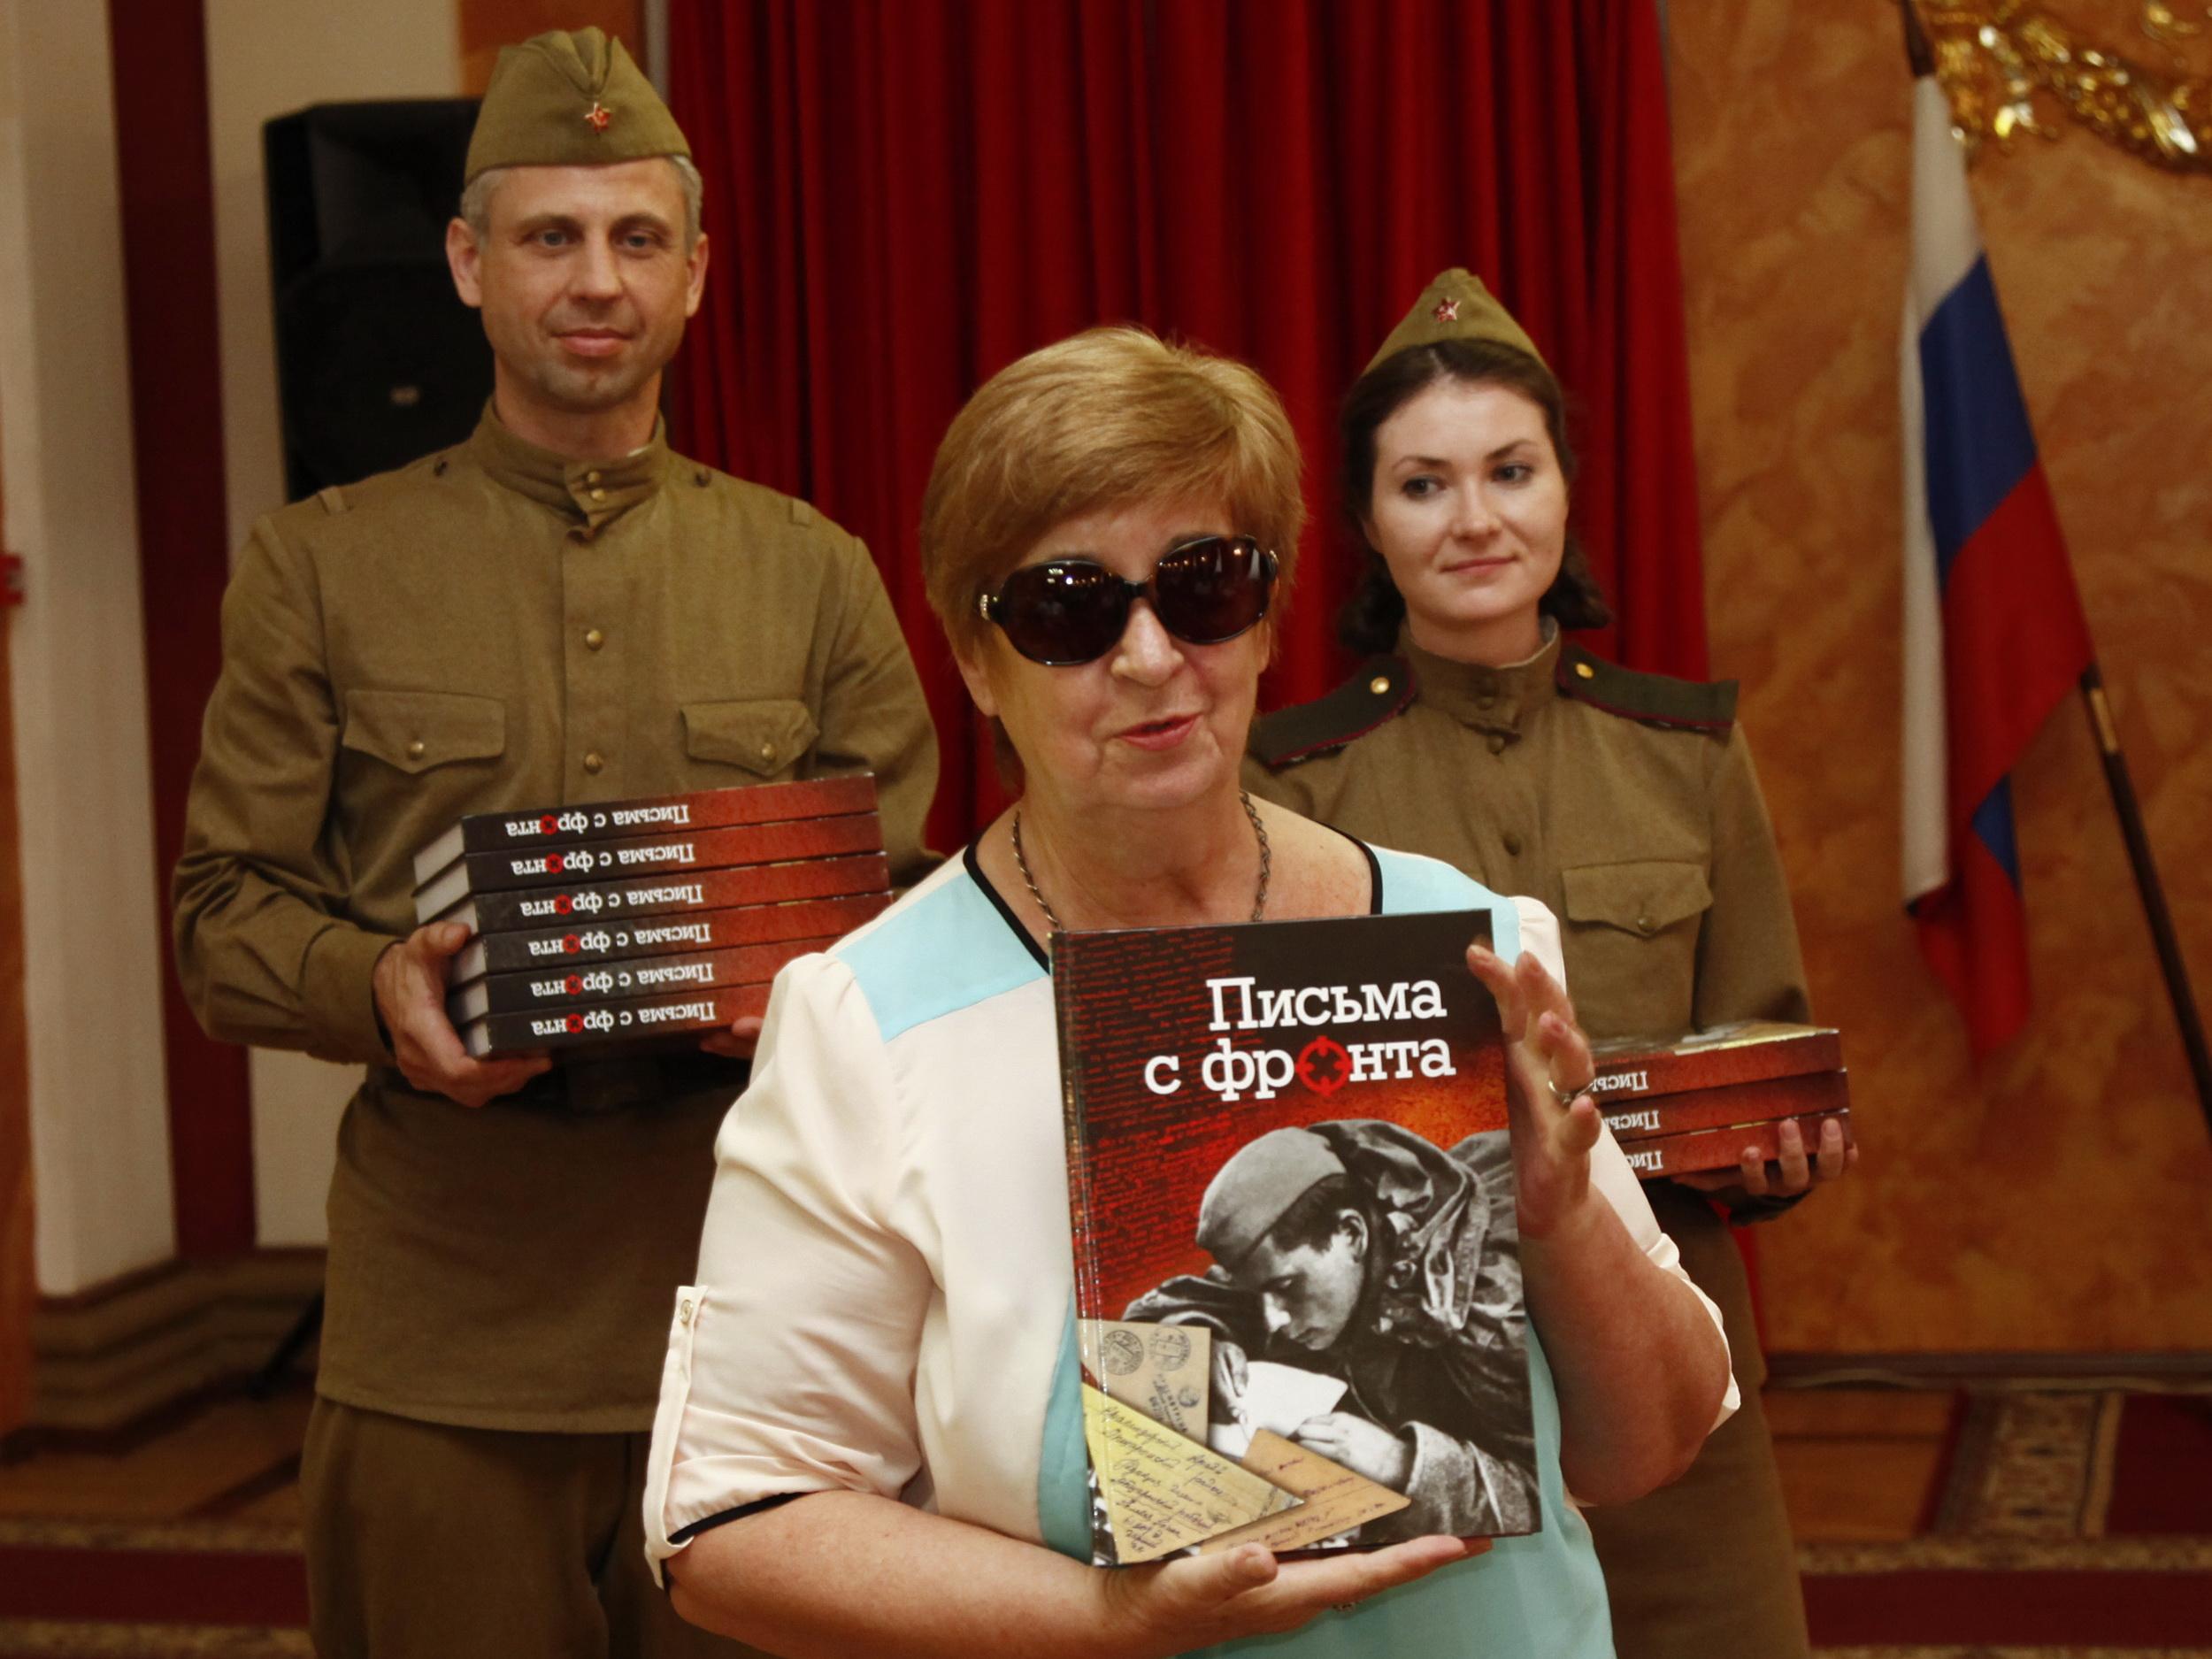 Ген. дир. издательства Книга Т.А. Василевская